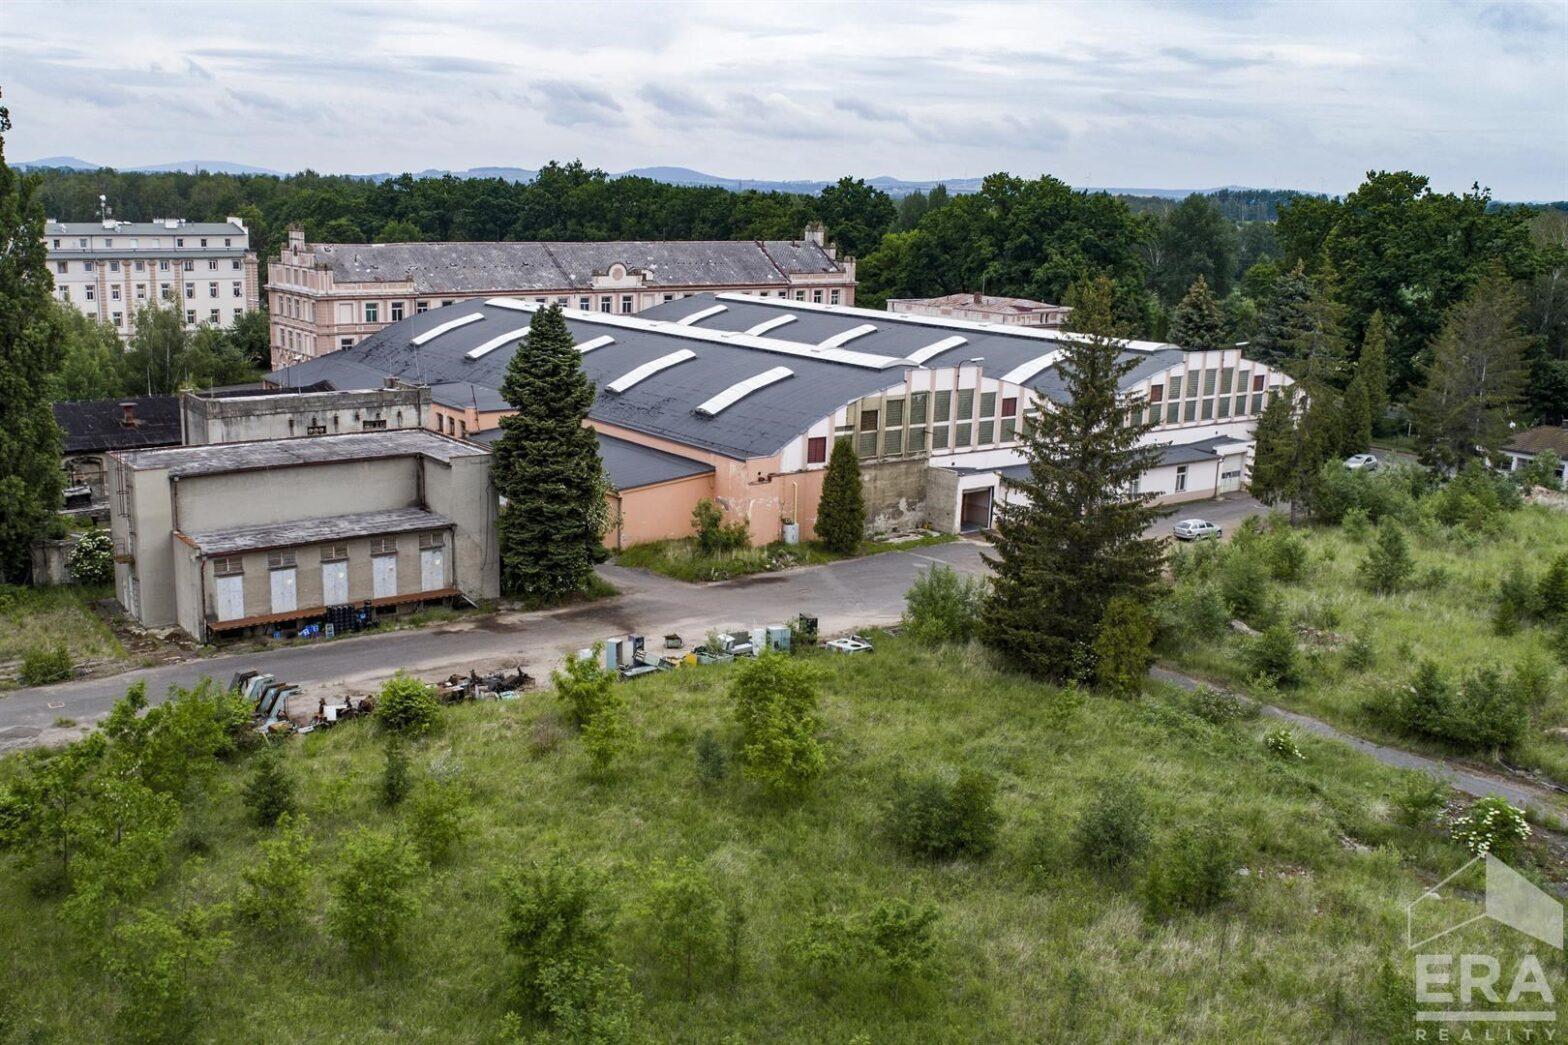 Prodej stavebního pozemku pro komerční využití, cca 6000 m2, Hrádek nad Nisou